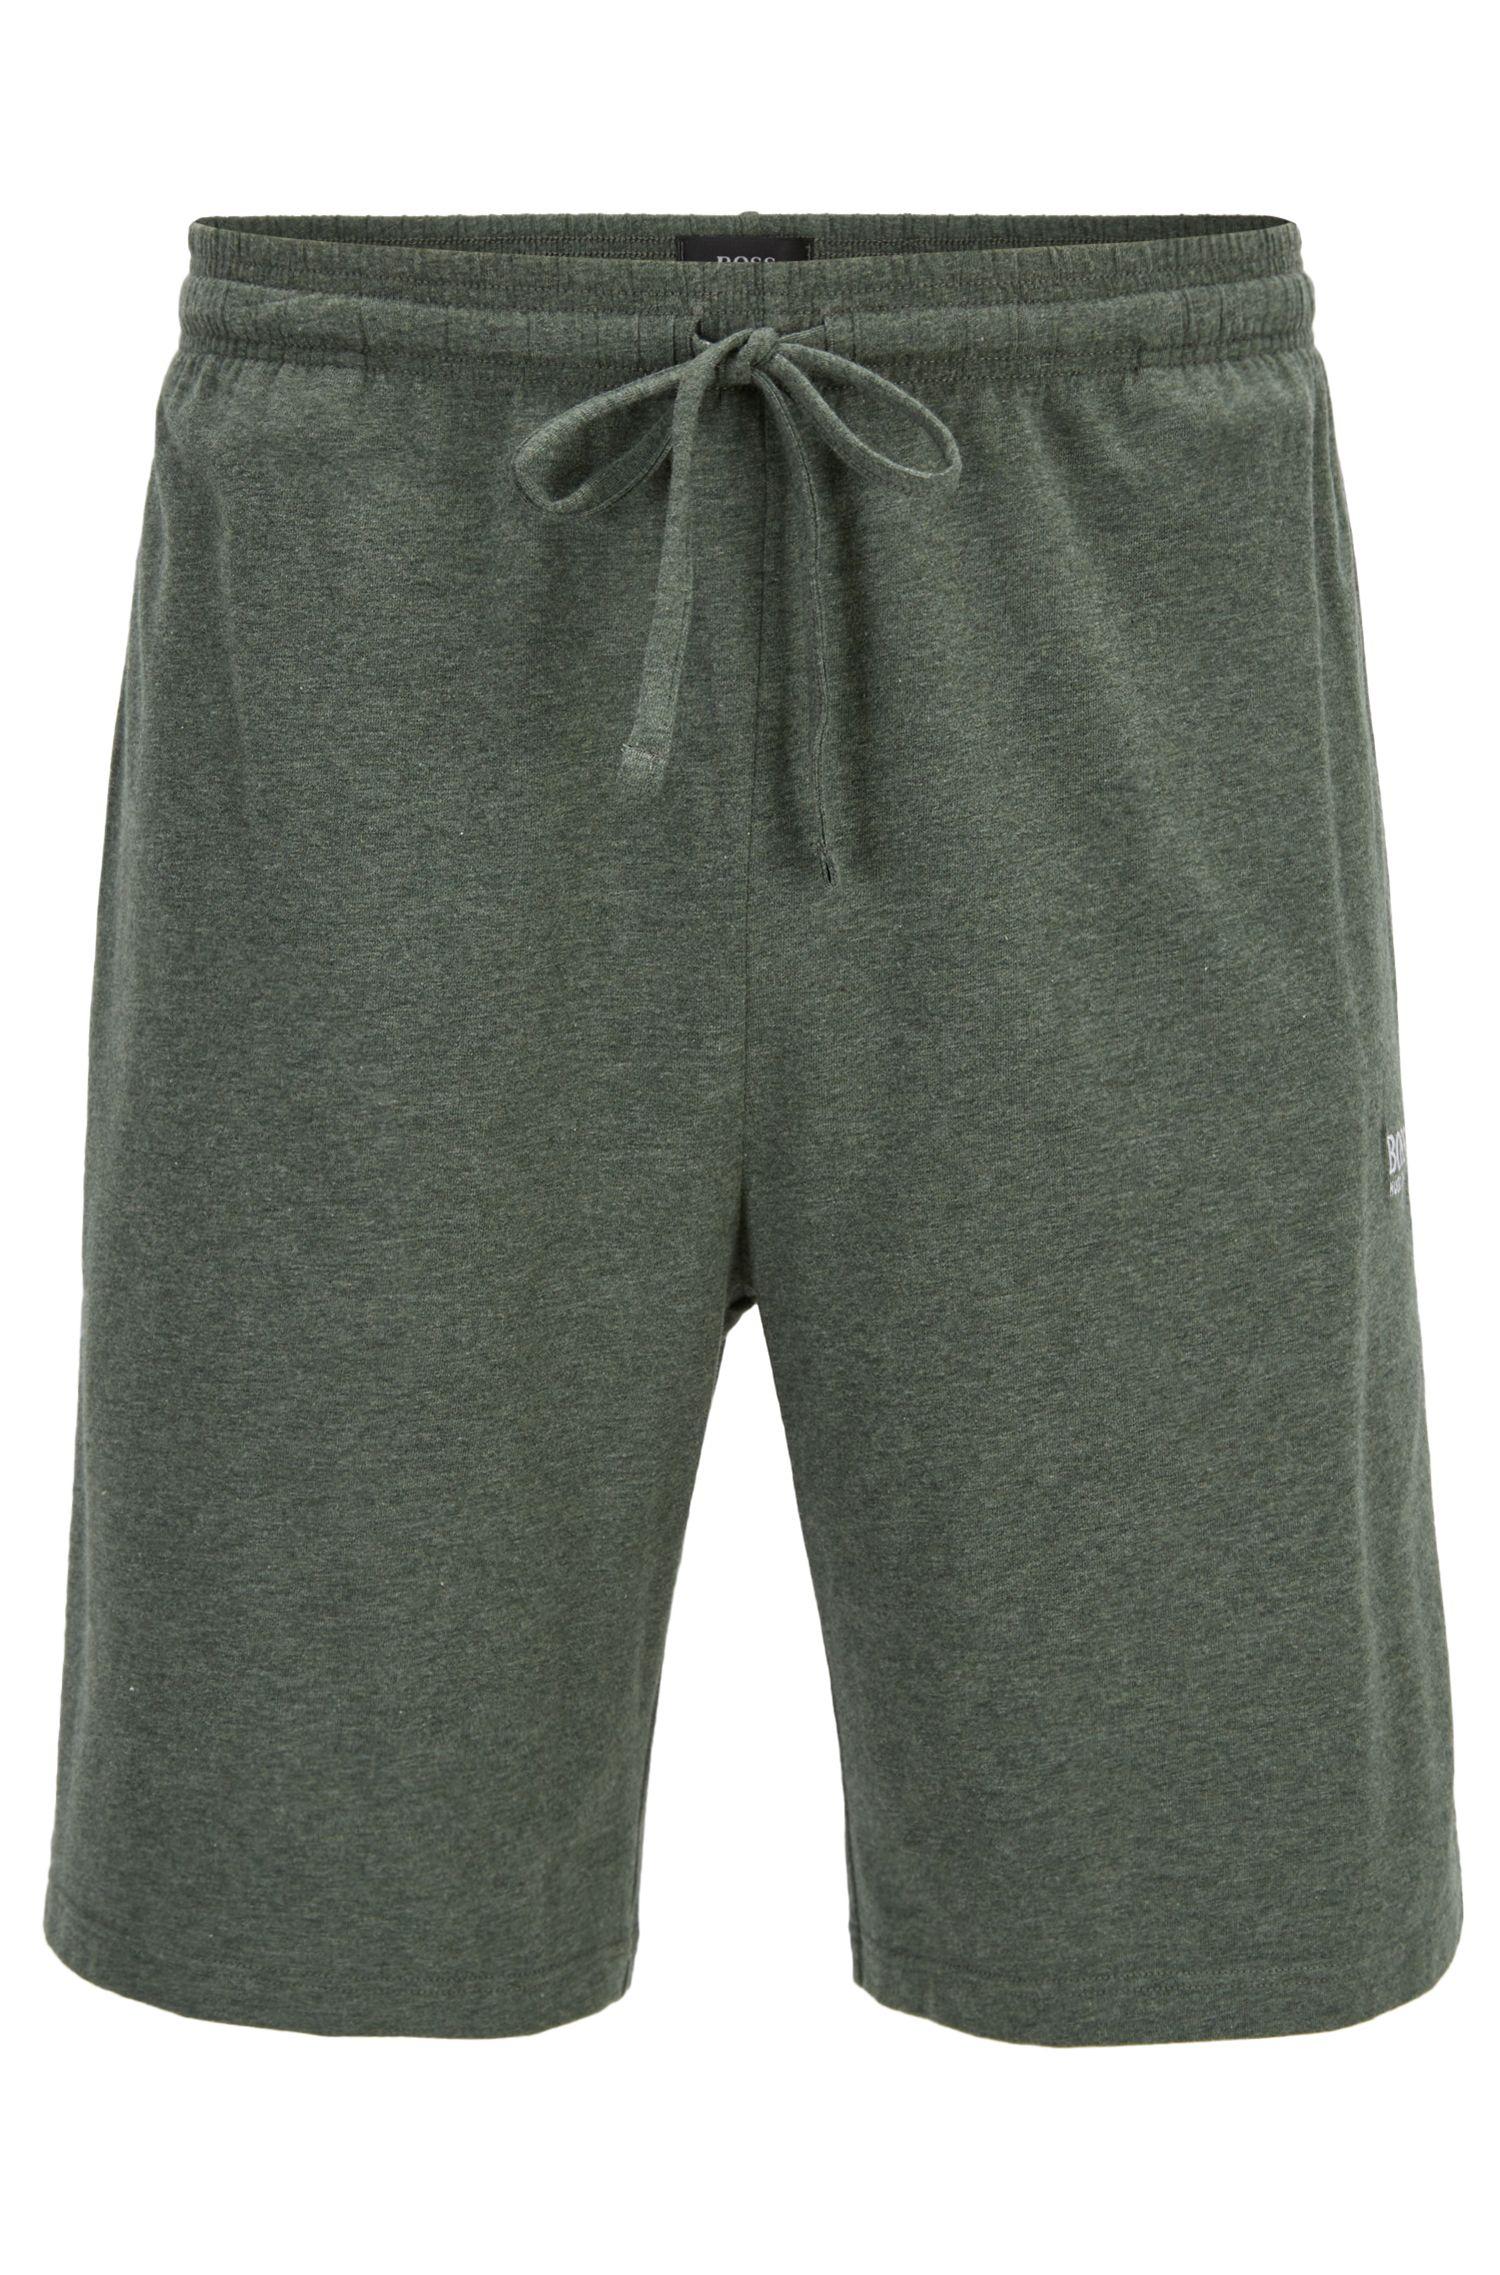 Short d'intérieur en jersey de coton stretch doté d'une taille avec cordon de serrage